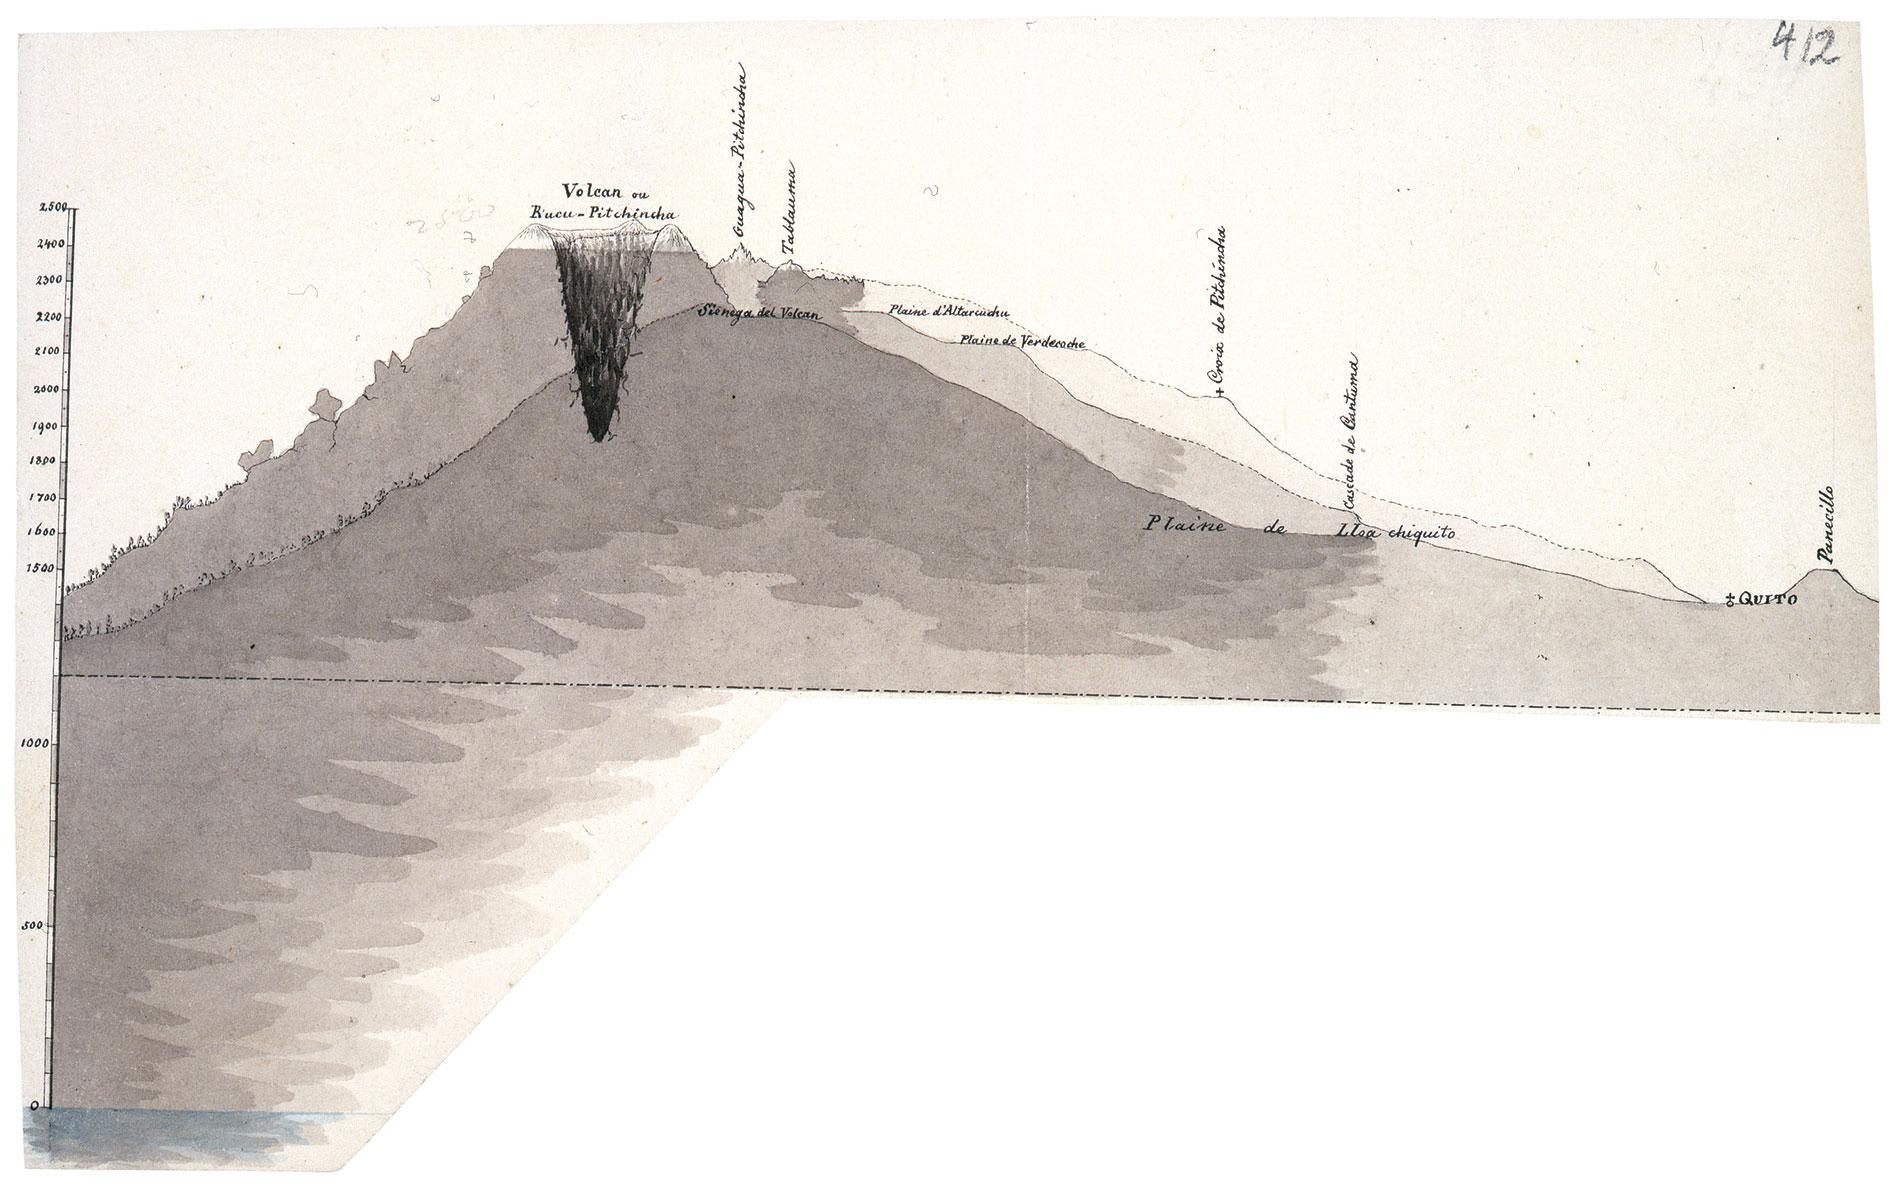 Alexander von Humboldt, Skizze von Rucu-Pitchincha und Guagua-Pitchincha (Tagebuch VIIbb/c, Bl. 412r); Staatsbibliothek zu Berlin